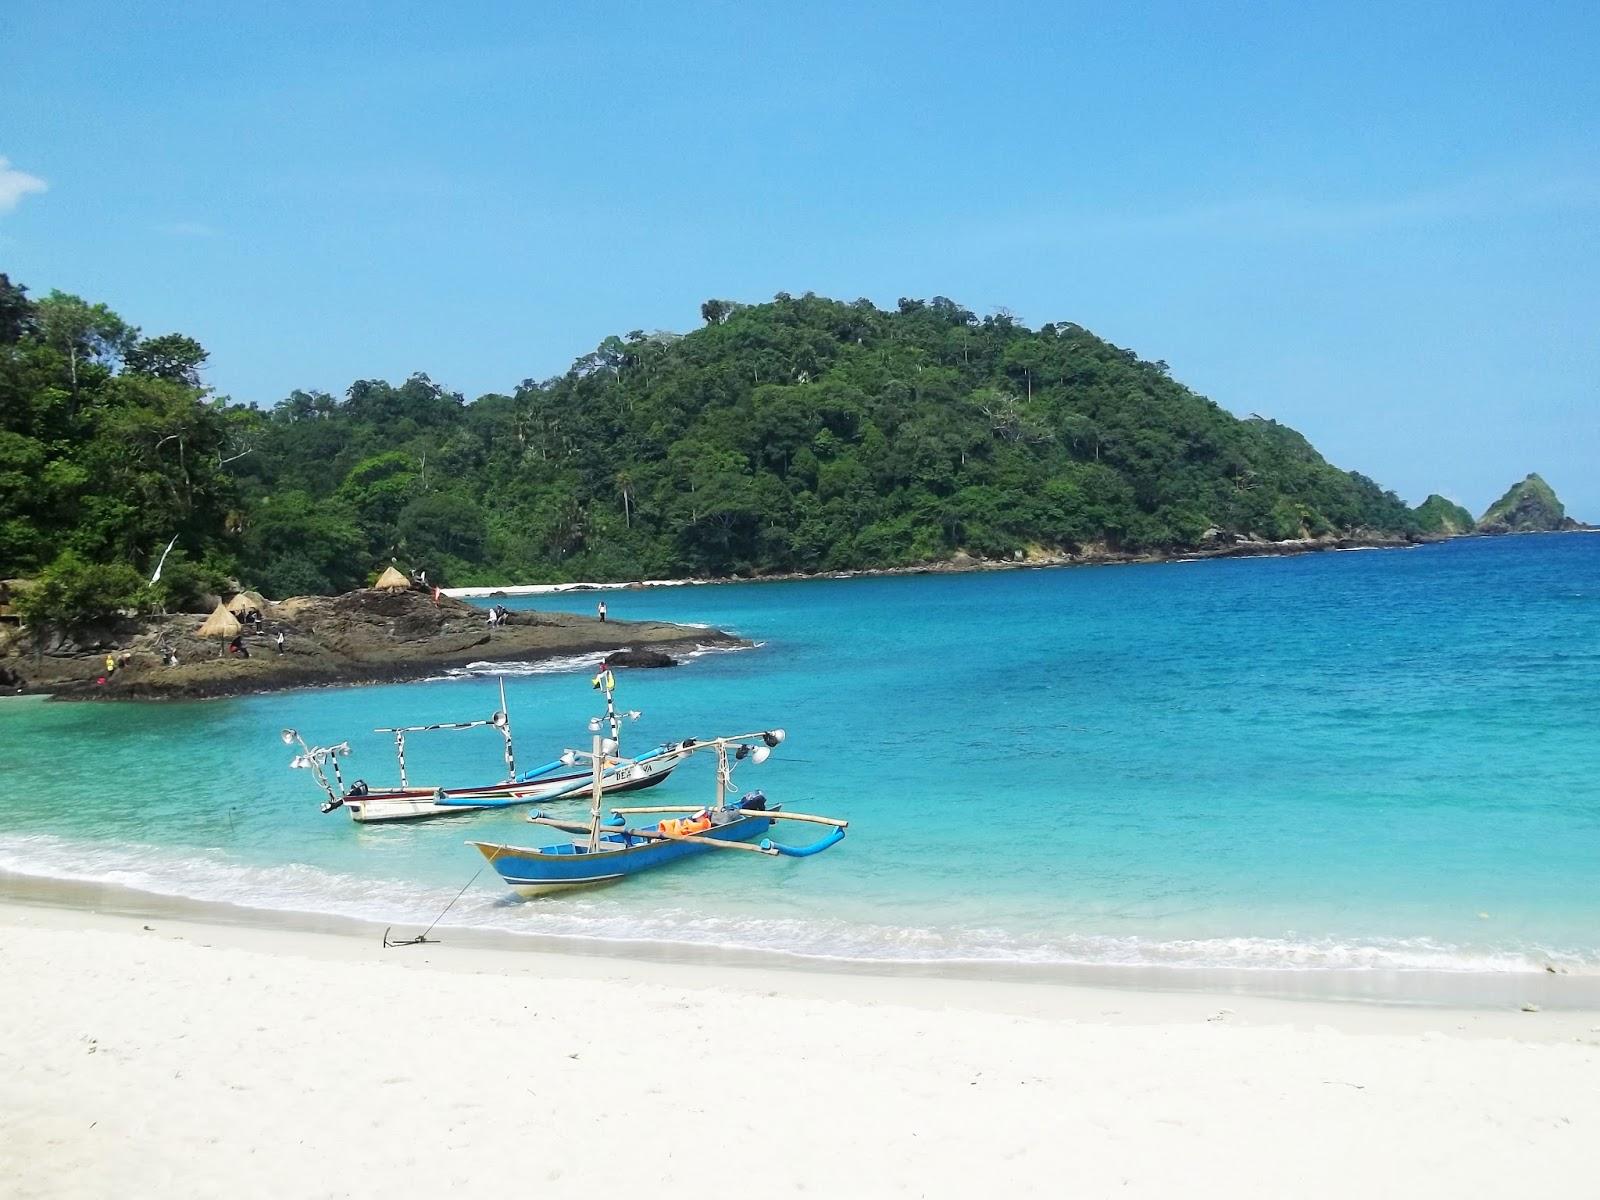 7 Pantai Banyuwangi Membuat Kamu Terpesona Indonesia Mustika Bisa Membeli